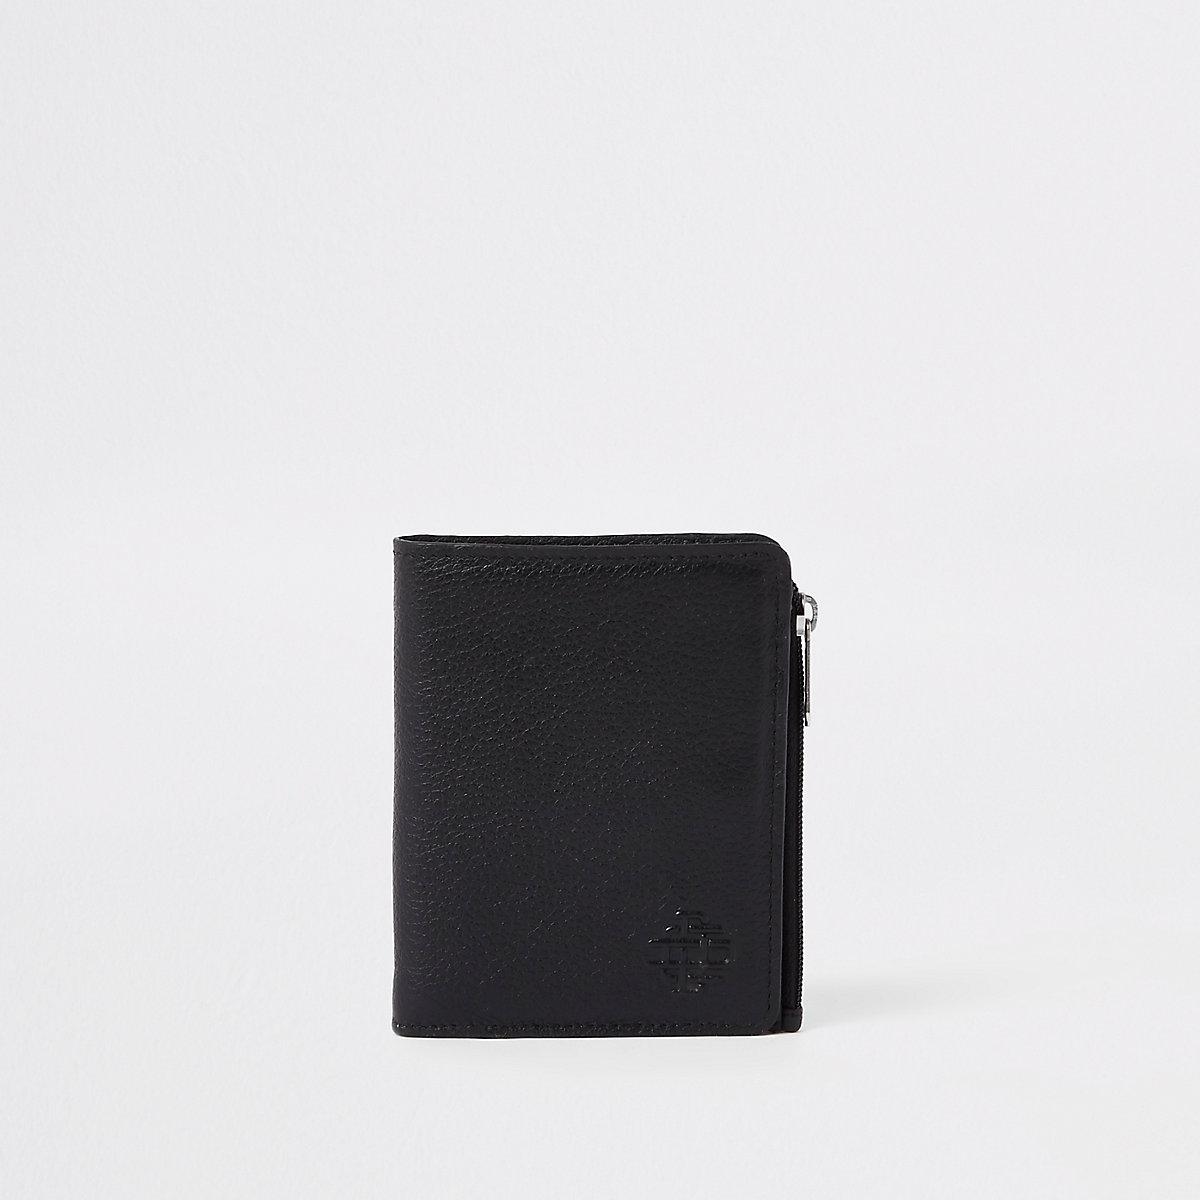 Black leather zip wallet